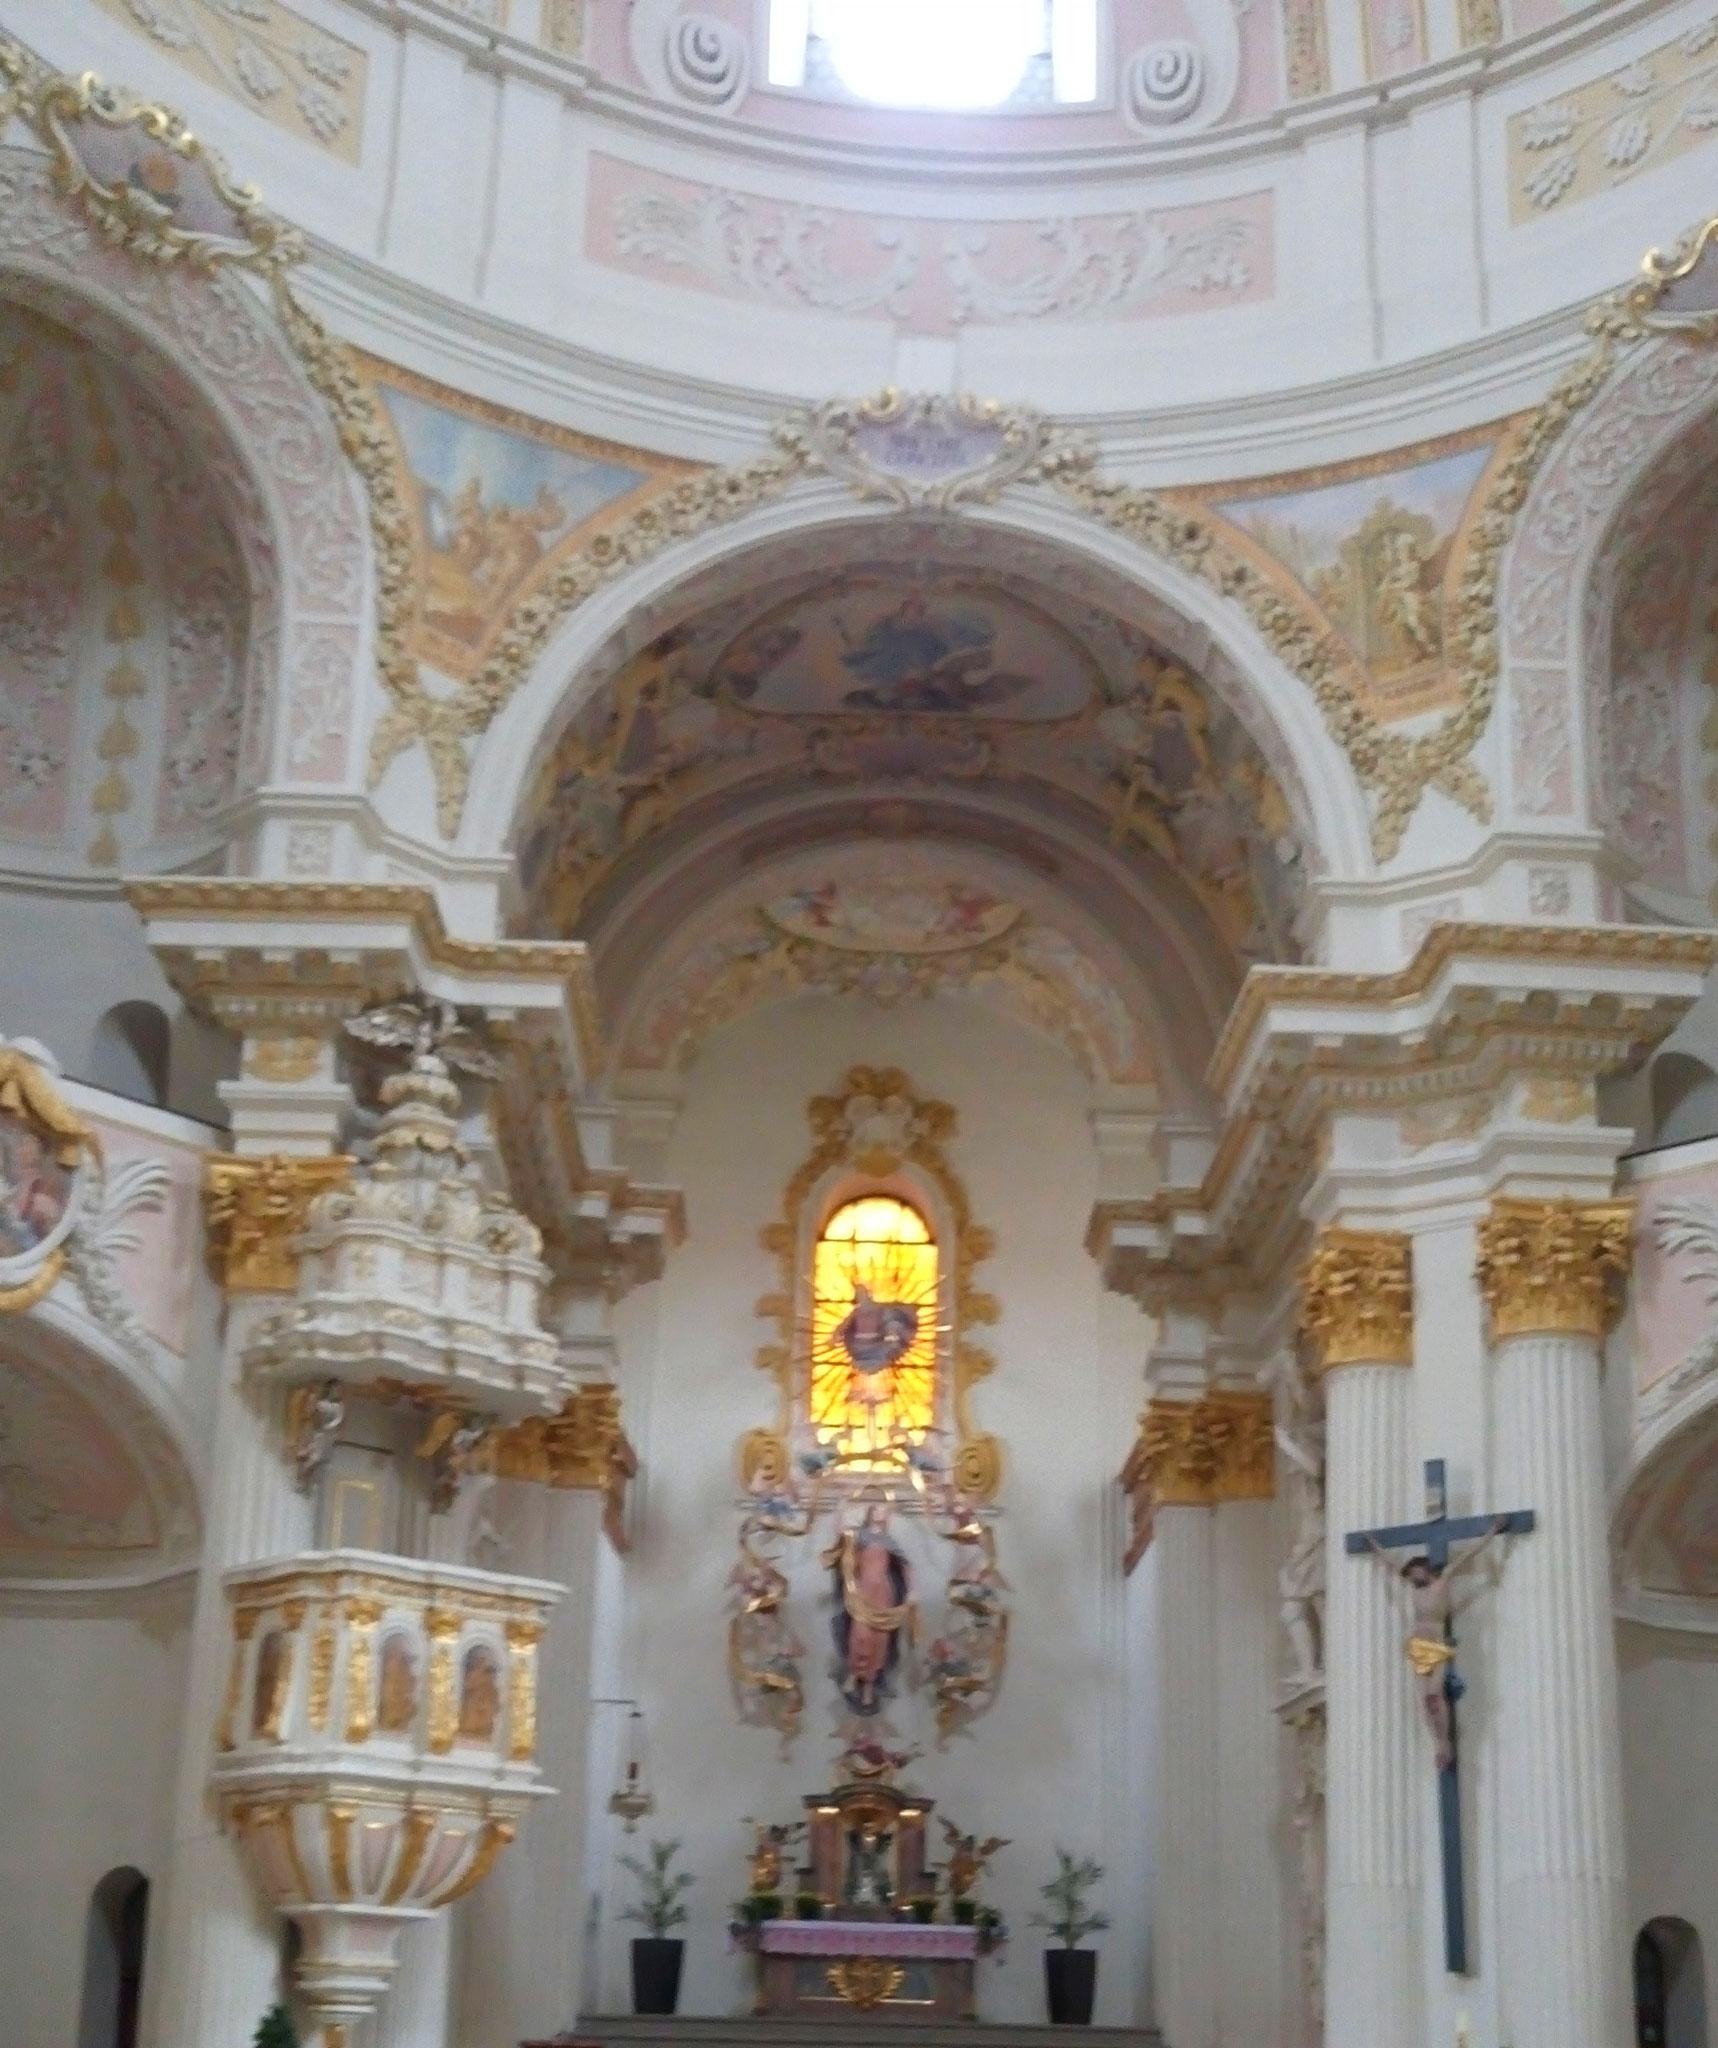 Anschließend ging es noch in eine nahe gelegene kleine Wallfahrtskirche, in der wir noch eine Konzertprobe miterleben durften.